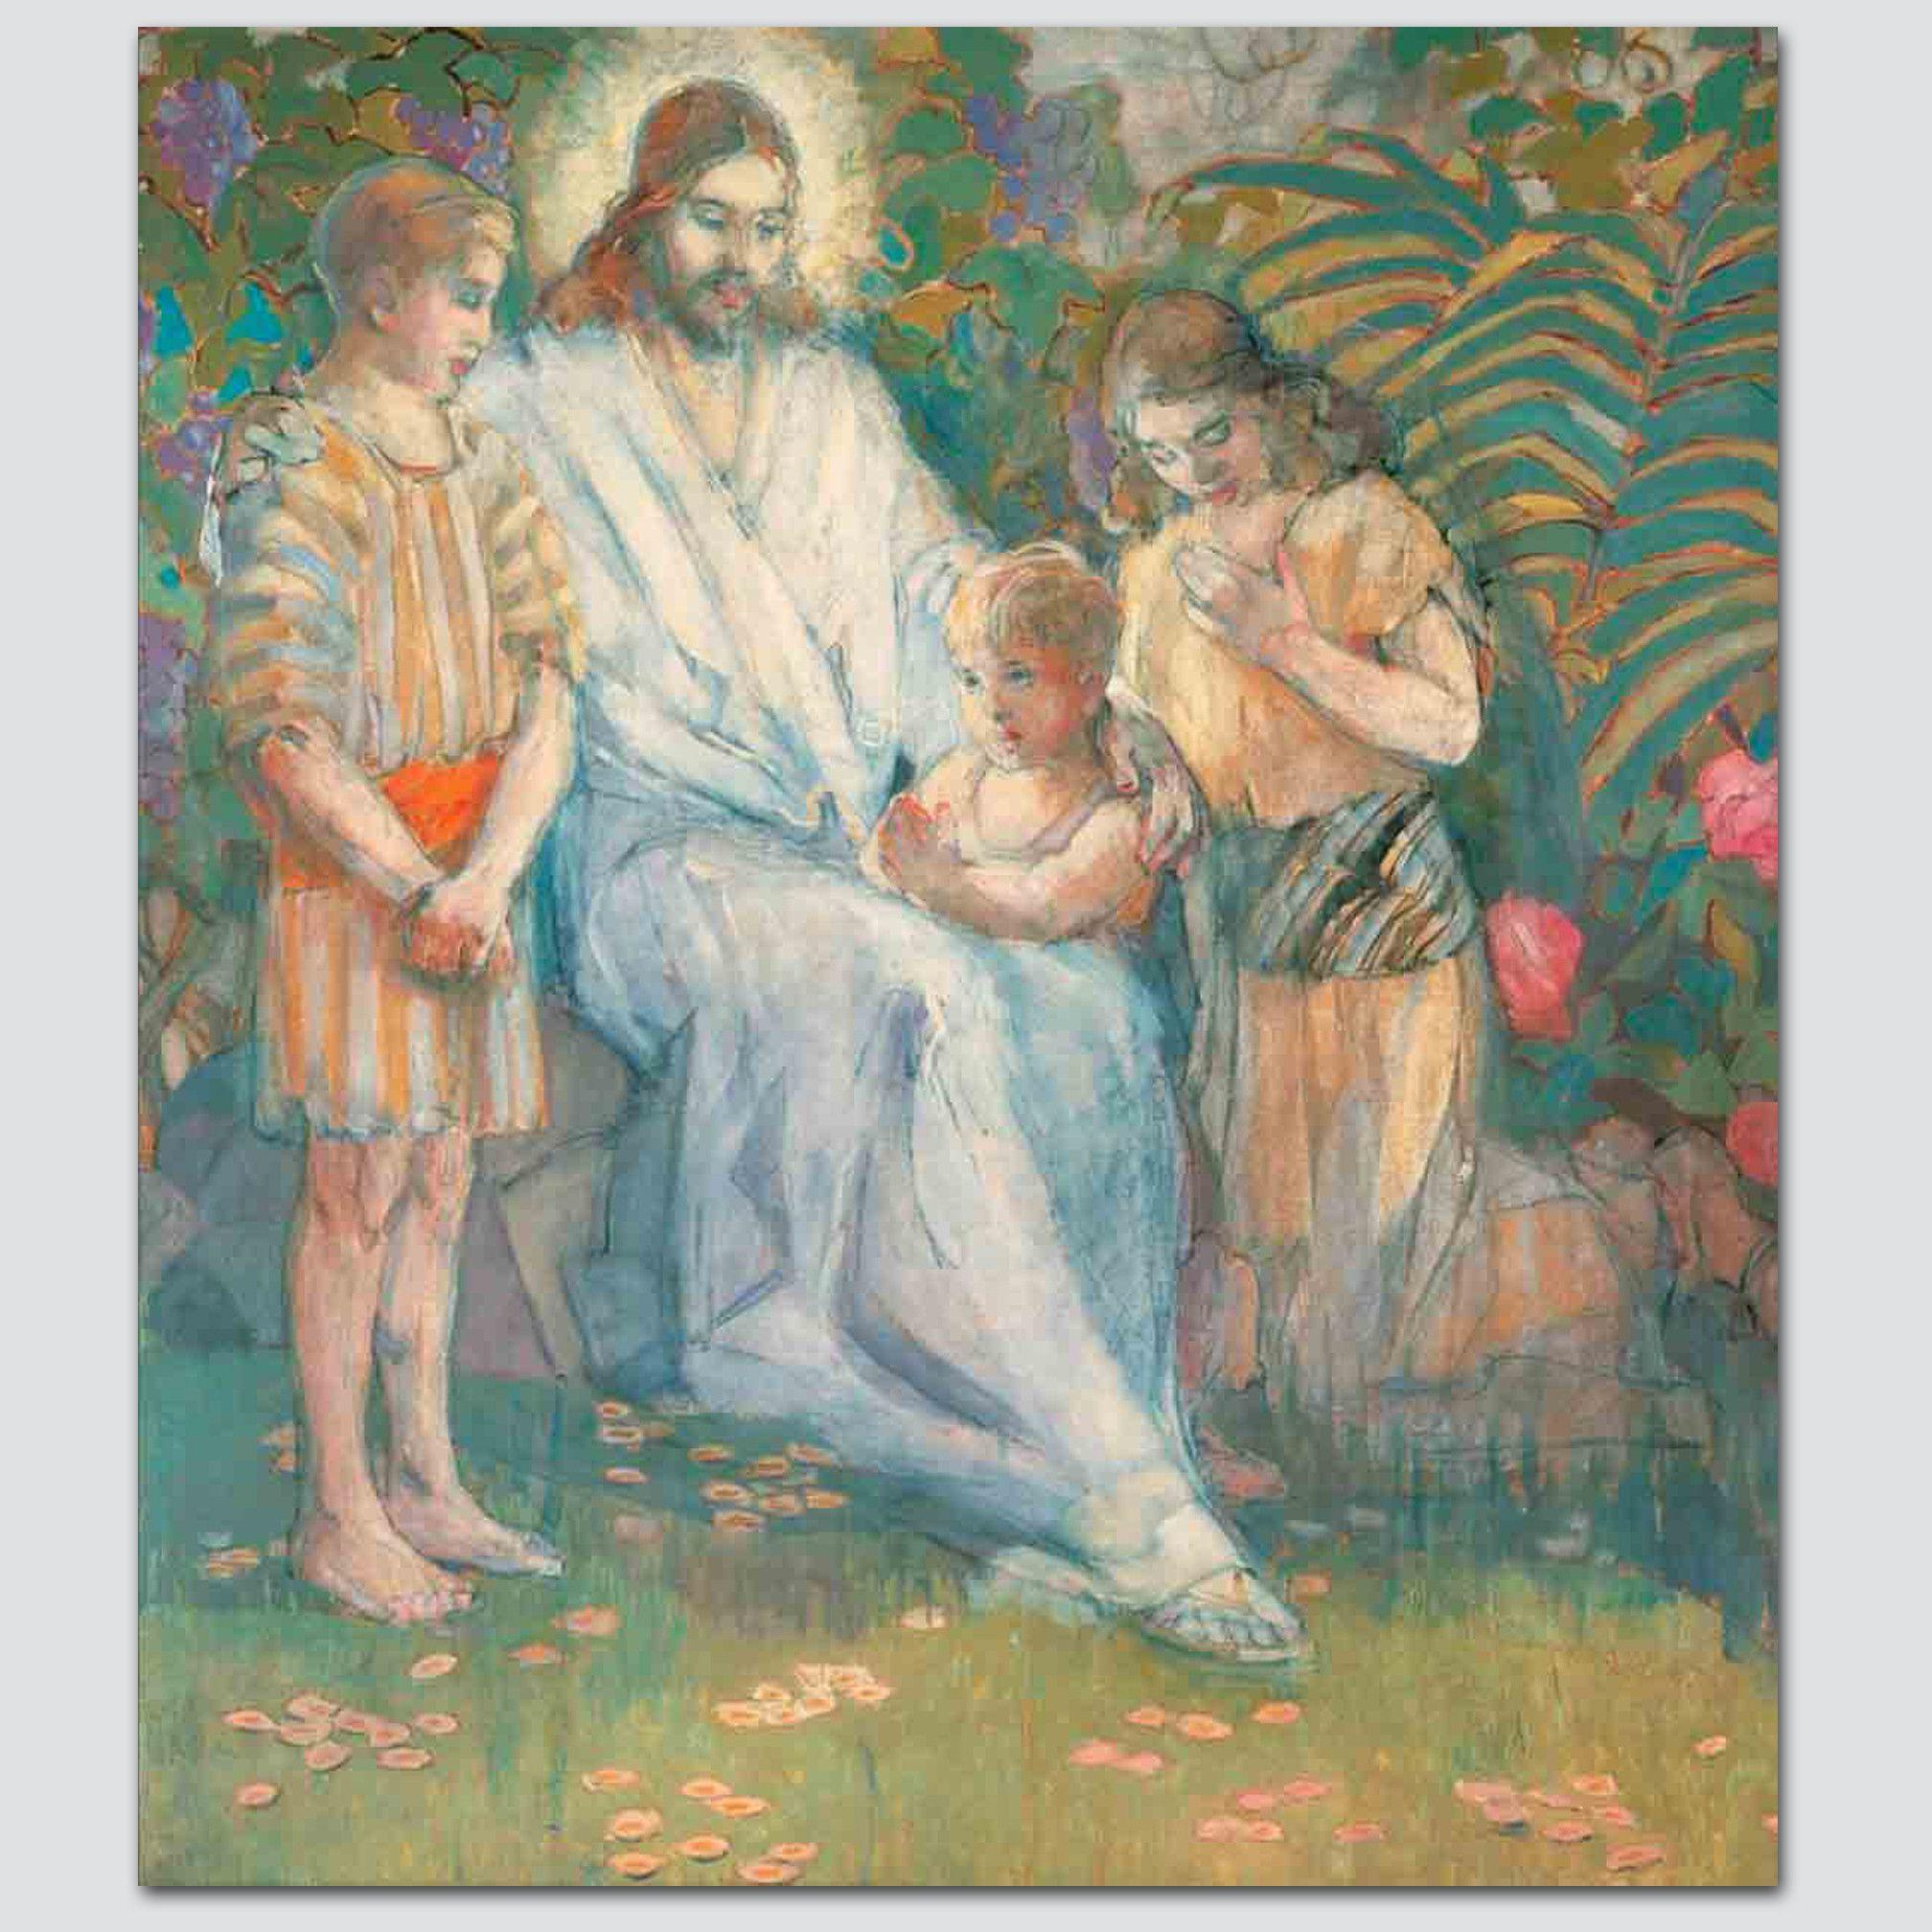 minerva teichert christ and the children child christian art